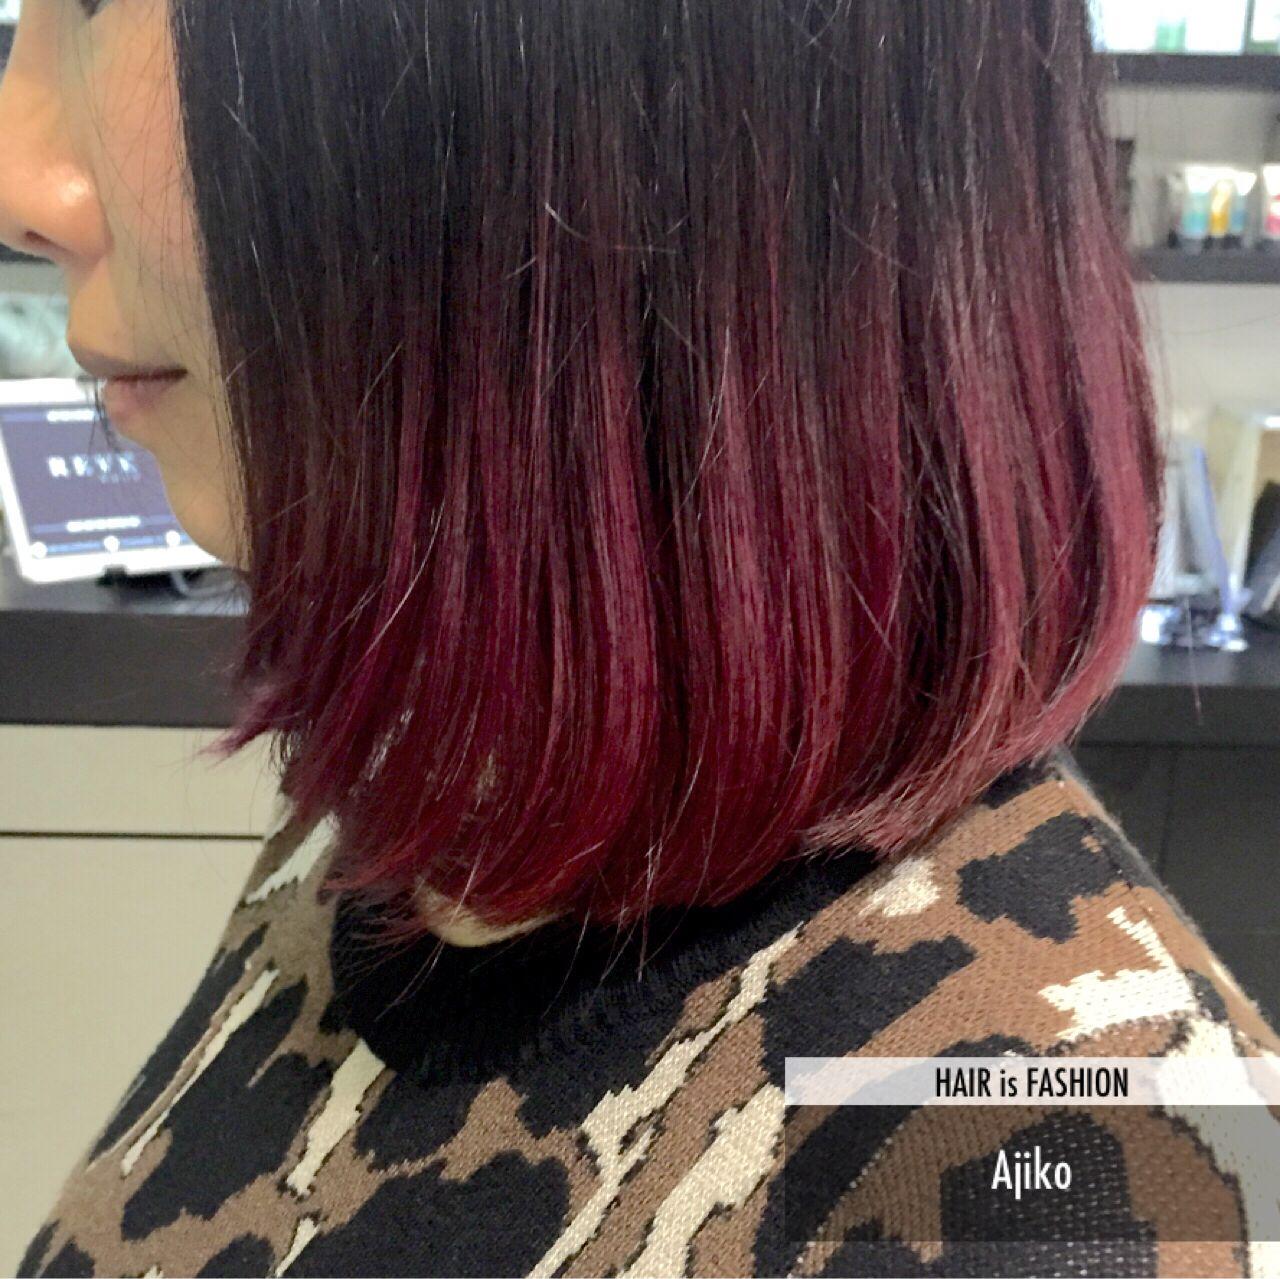 レッド ストリート グラデーションカラー ボブ ヘアスタイルや髪型の写真・画像 | Ajiko / Revehair